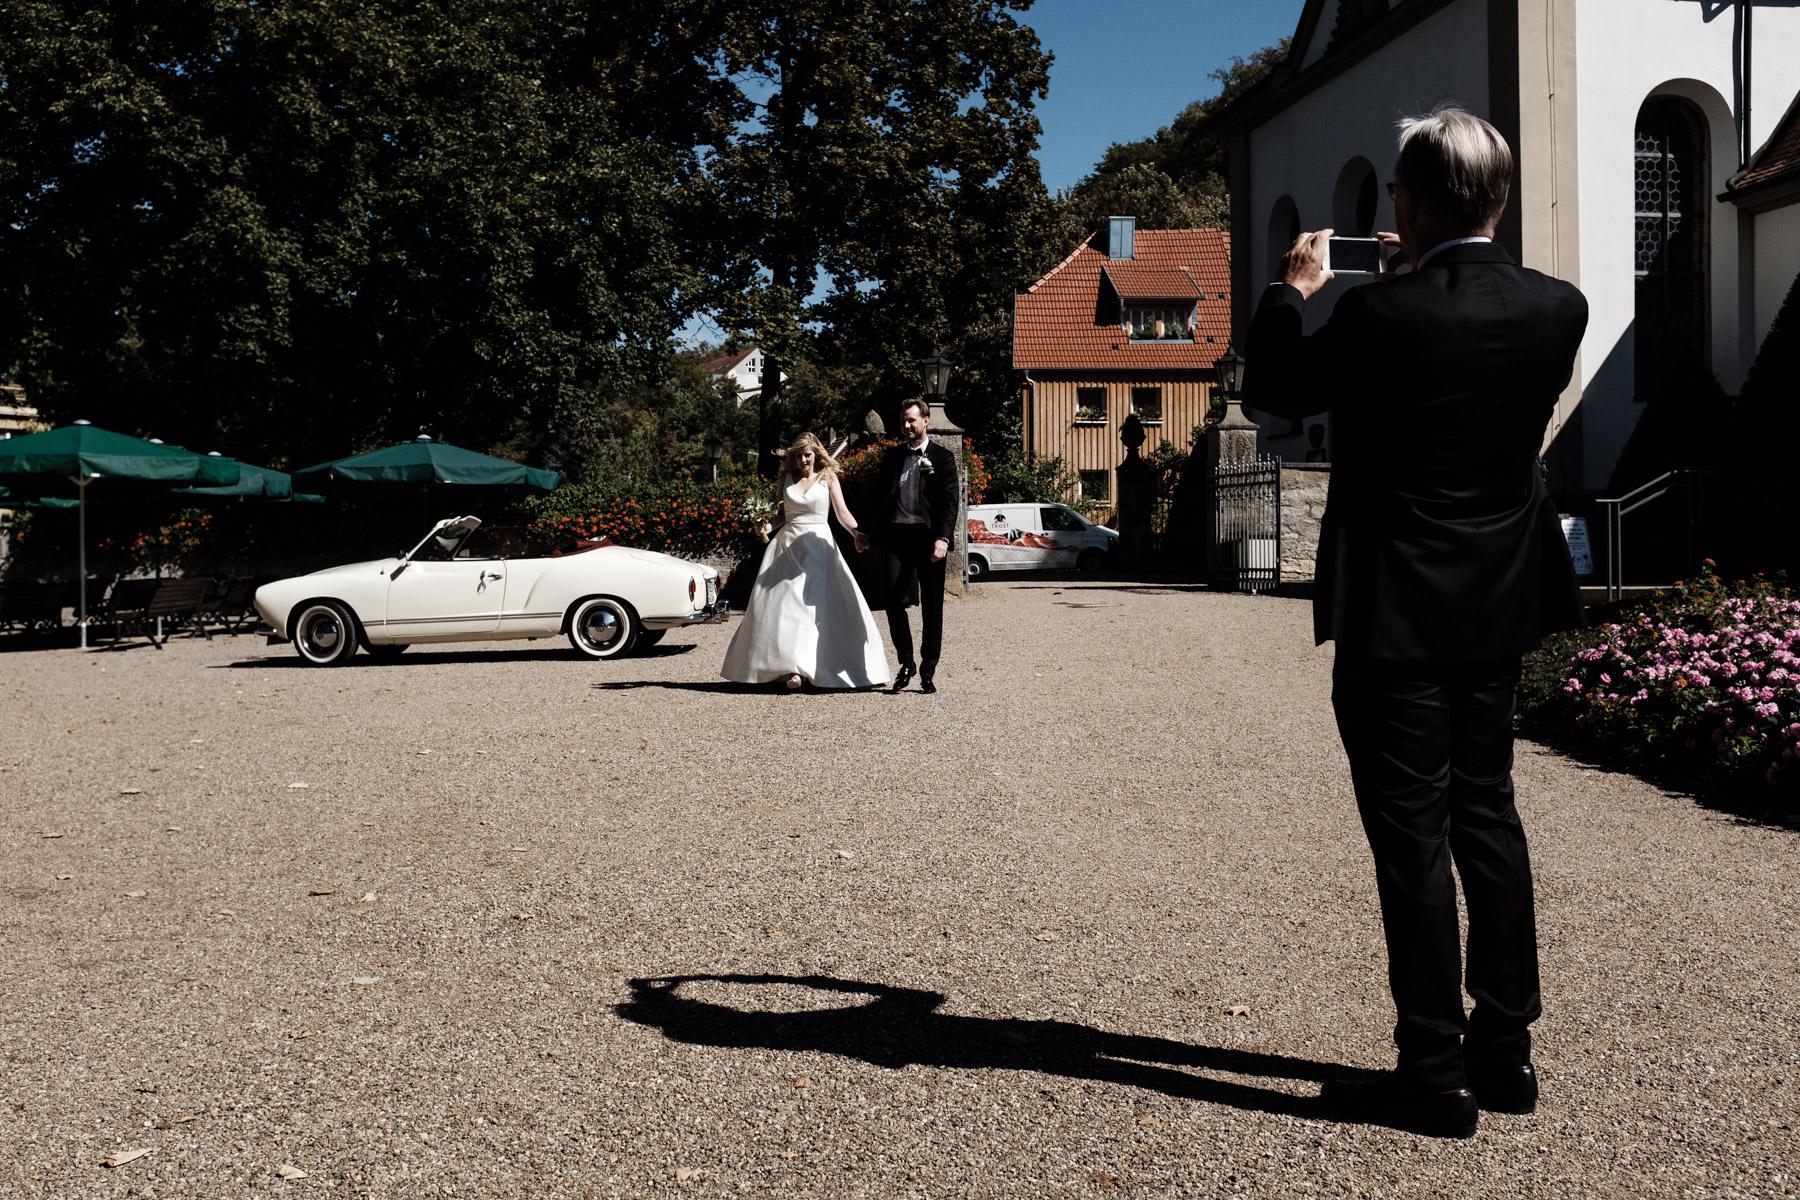 MartinLiebl_Kein_Hochzeitsfotograf_Blog_CWF_Bad_Neustadt_29.jpg